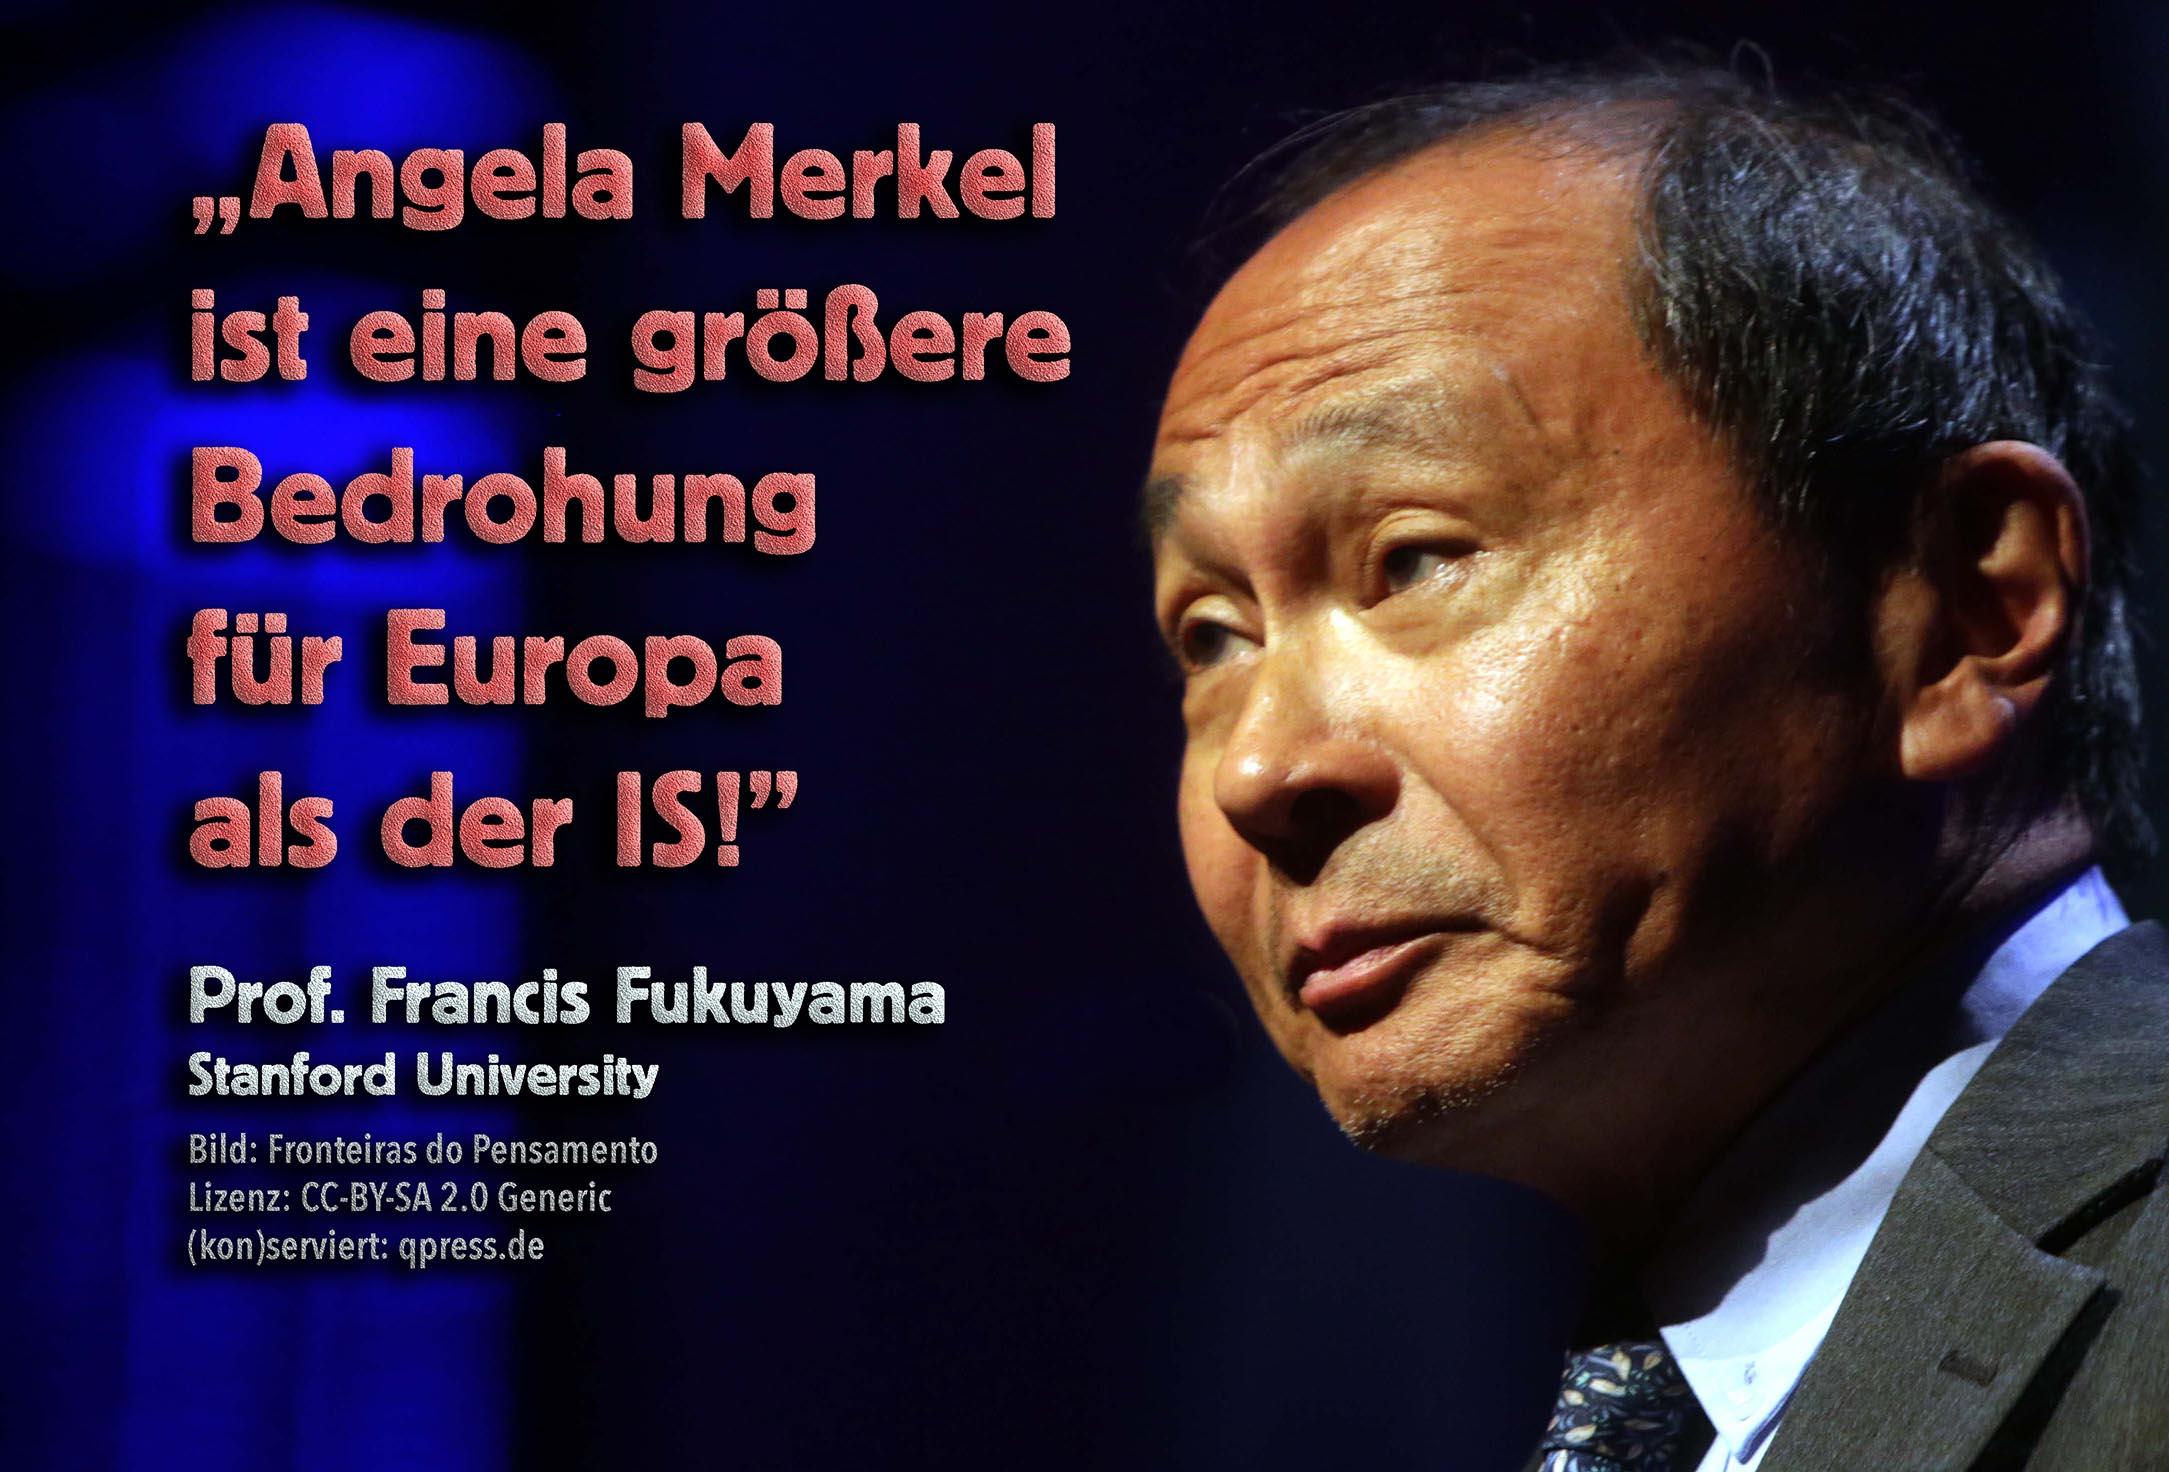 Bildergebnis für Bilder: Merkel in der Schlinge